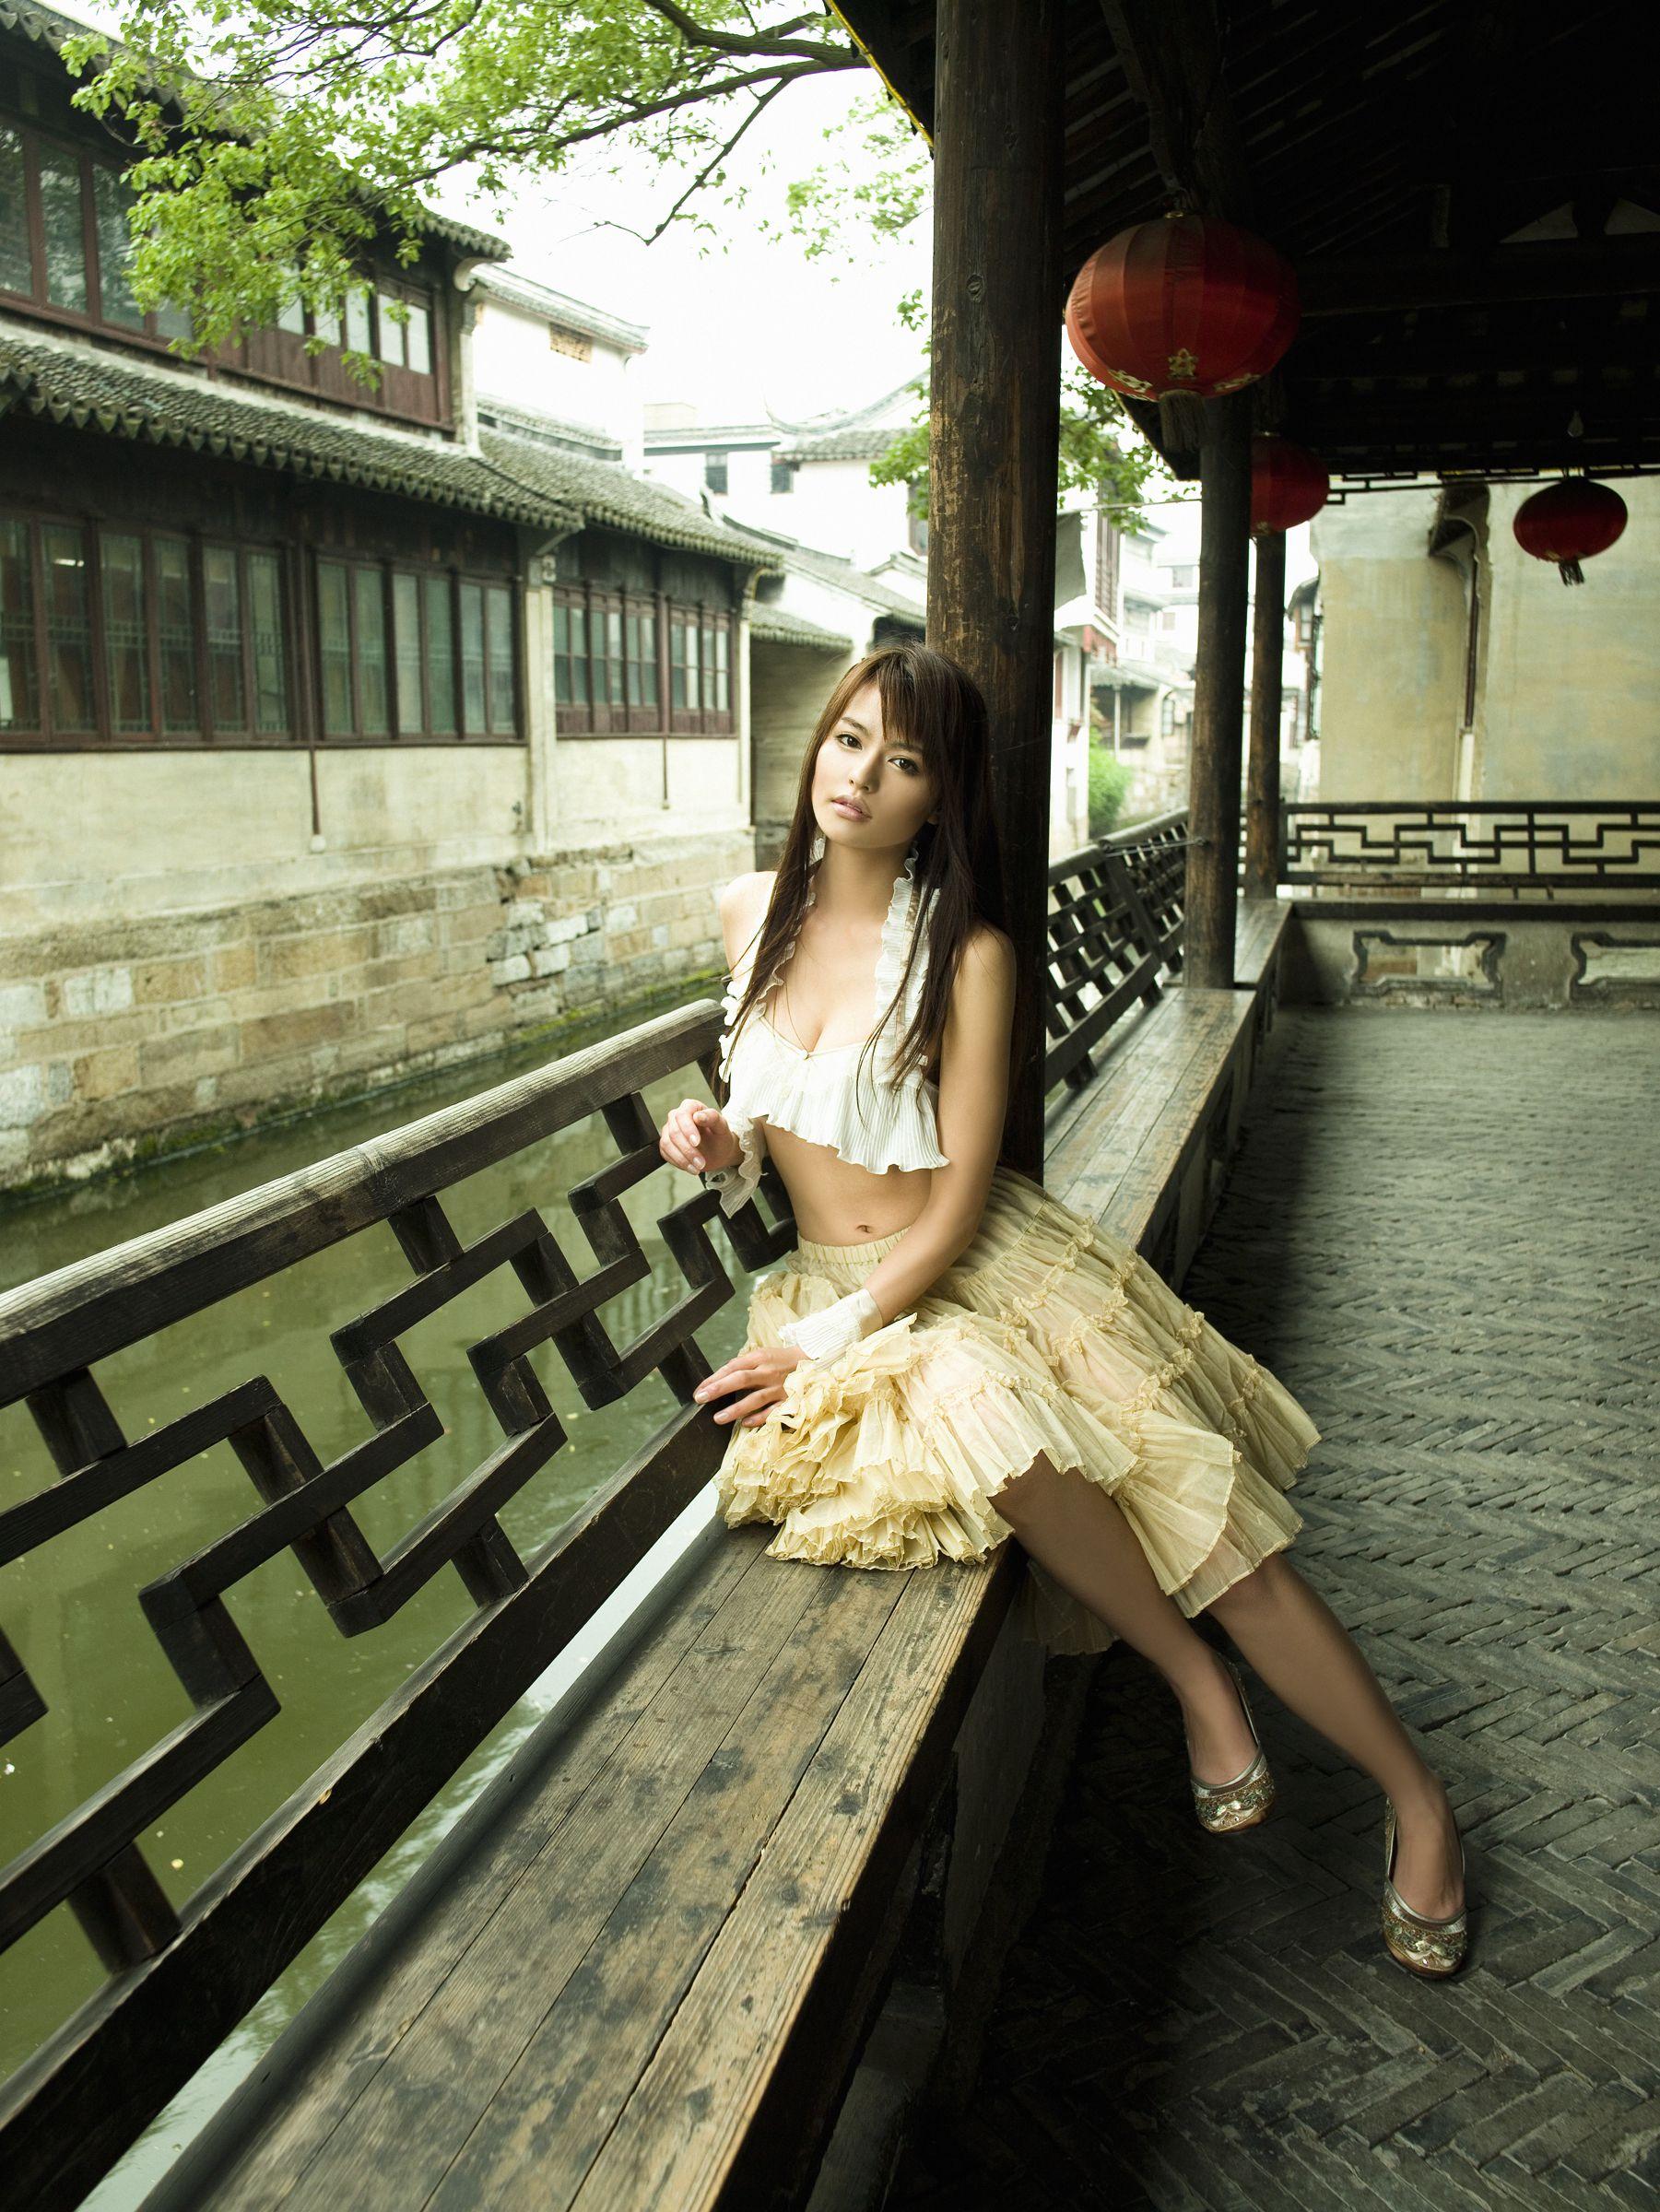 白鸟百合子、しらとり ゆりこ、Yuriko Shiratoni个人资料介绍,及其写真作品欣赏 美女精选 第3张